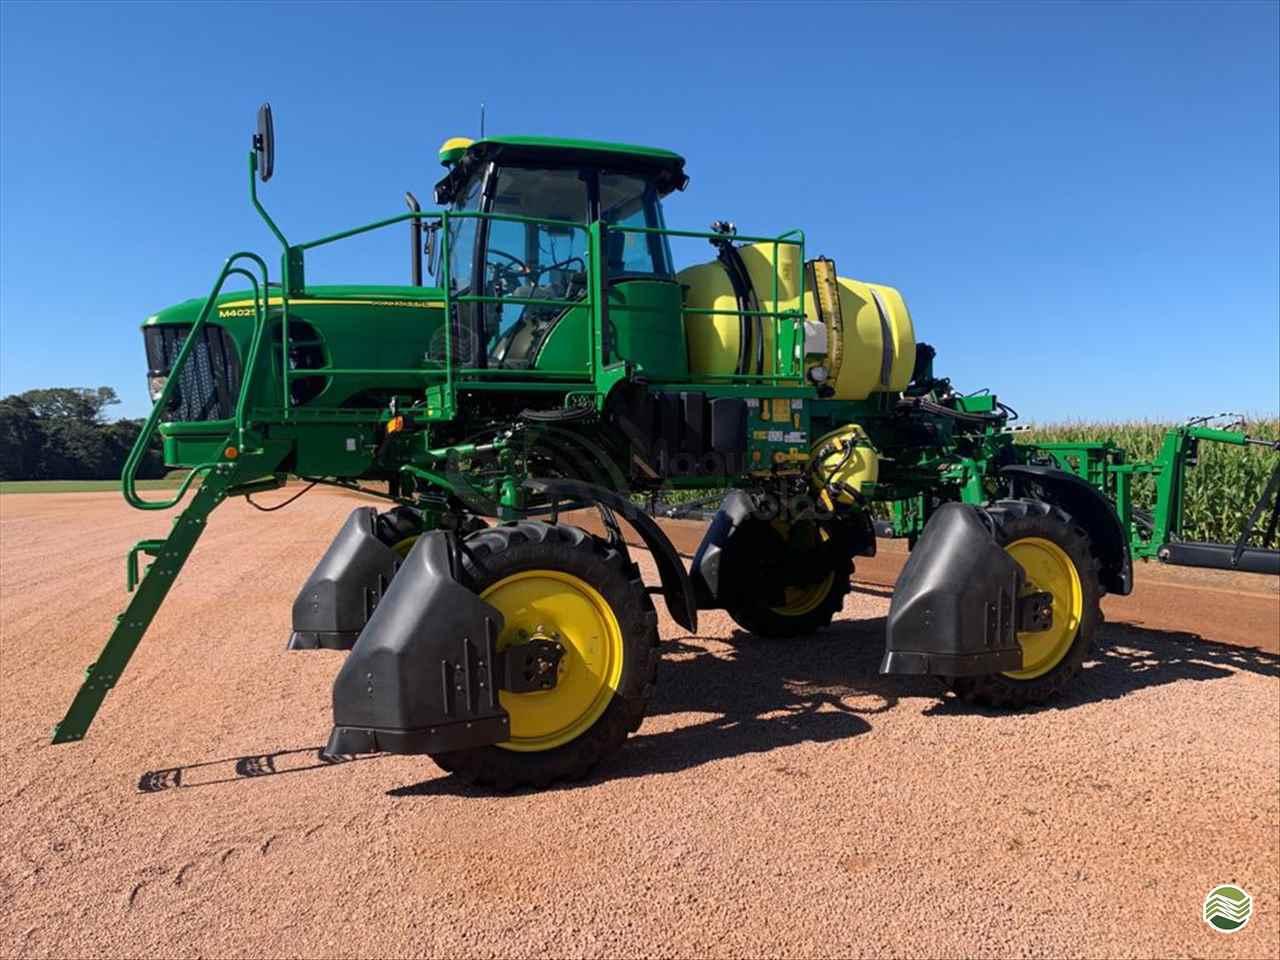 JOHN DEERE M4025 de MS Máquinas Agrícolas - DOURADOS/MS